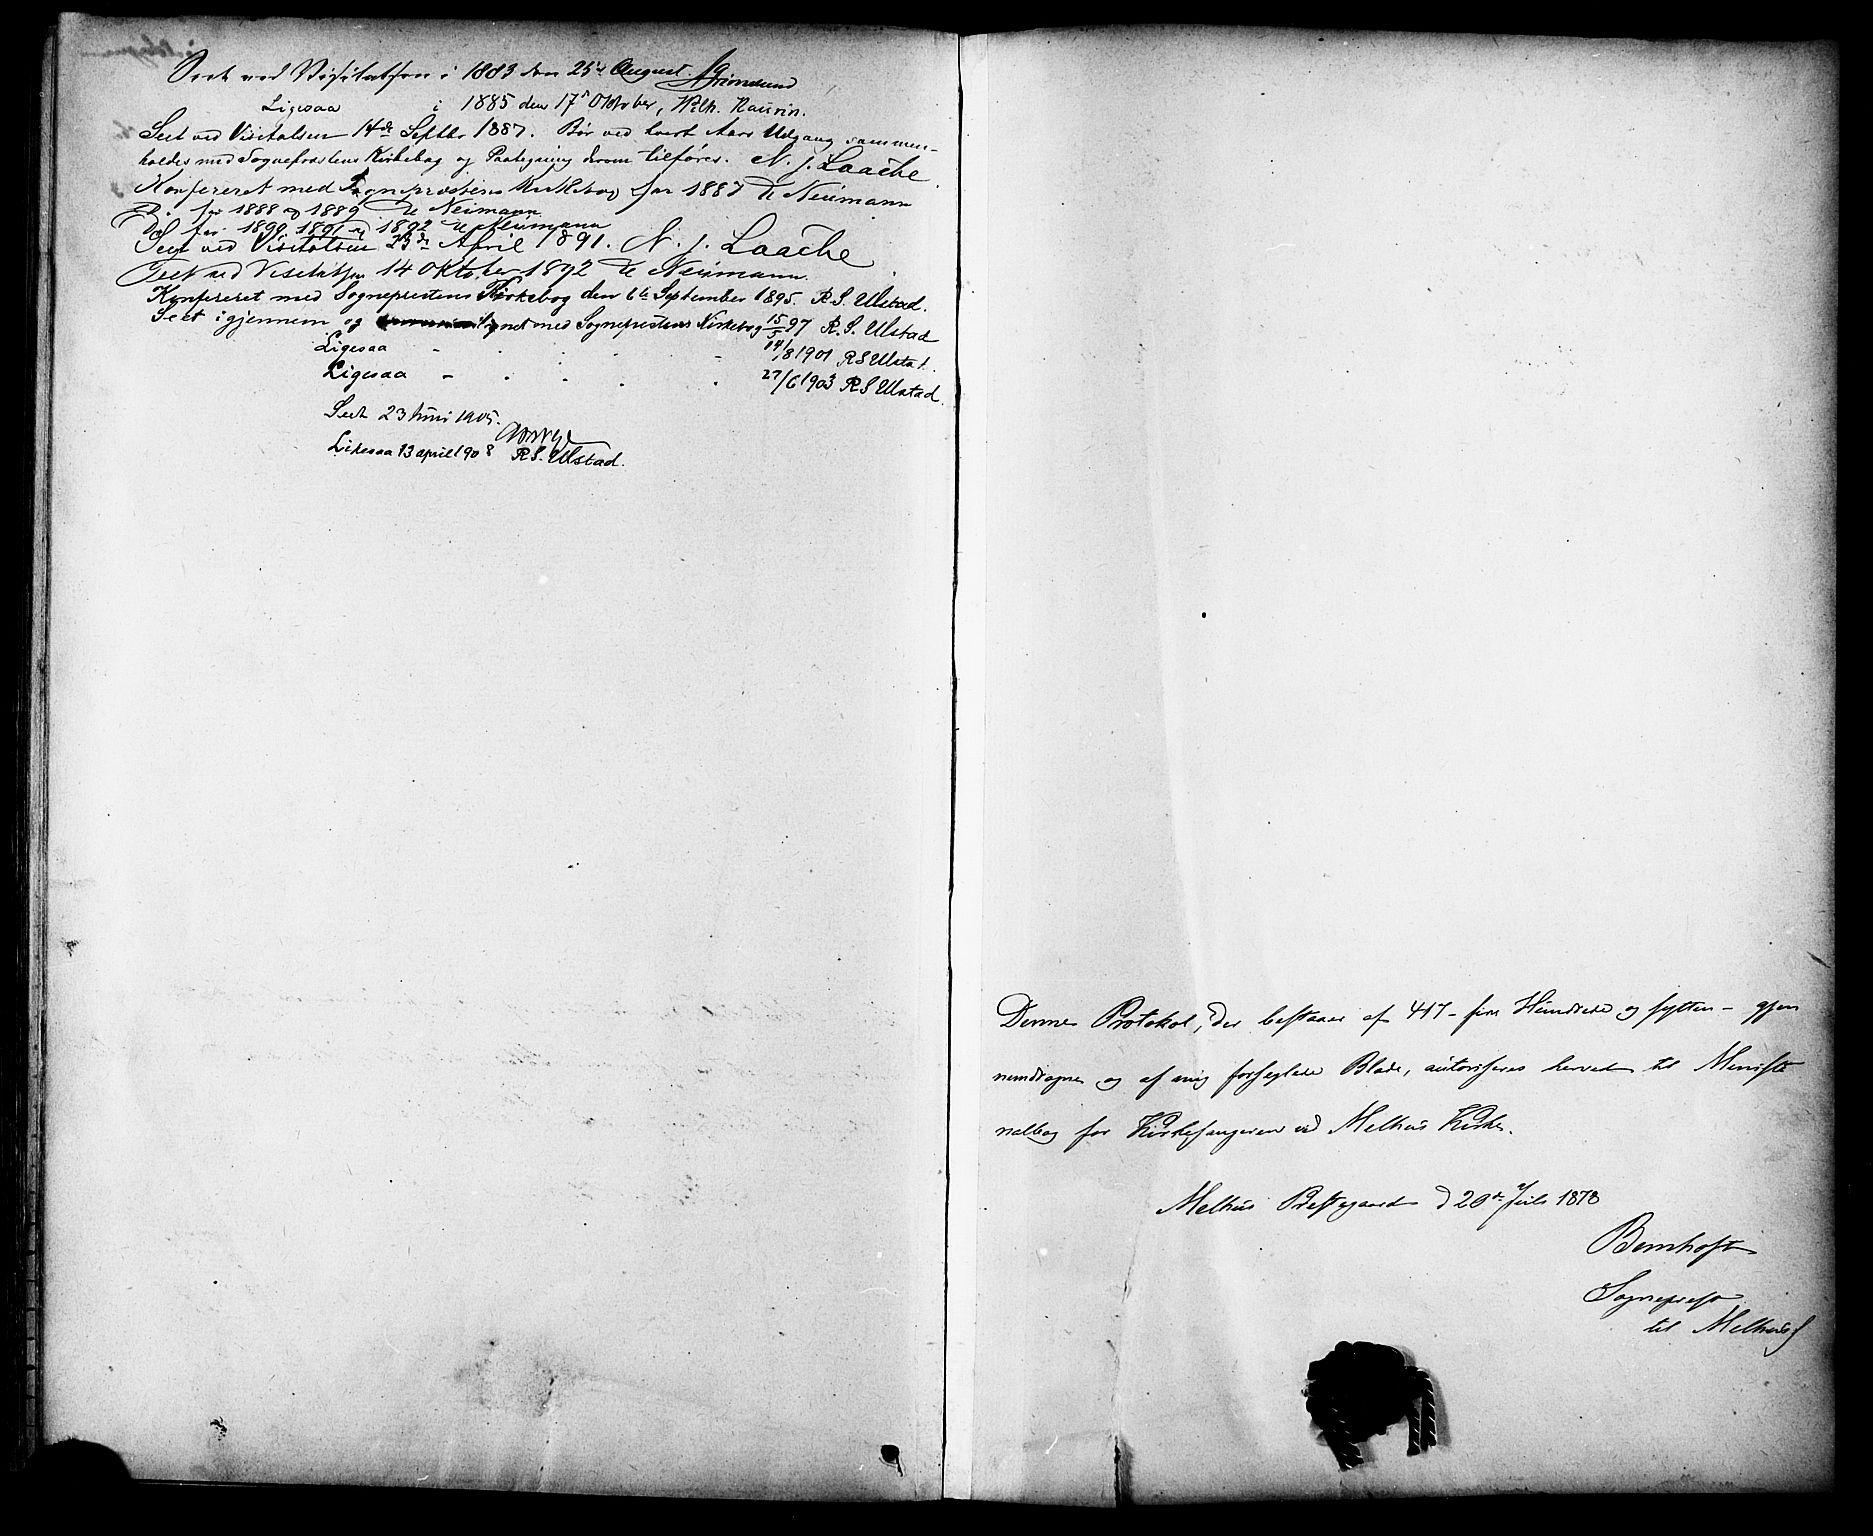 SAT, Ministerialprotokoller, klokkerbøker og fødselsregistre - Sør-Trøndelag, 691/L1094: Klokkerbok nr. 691C05, 1879-1911